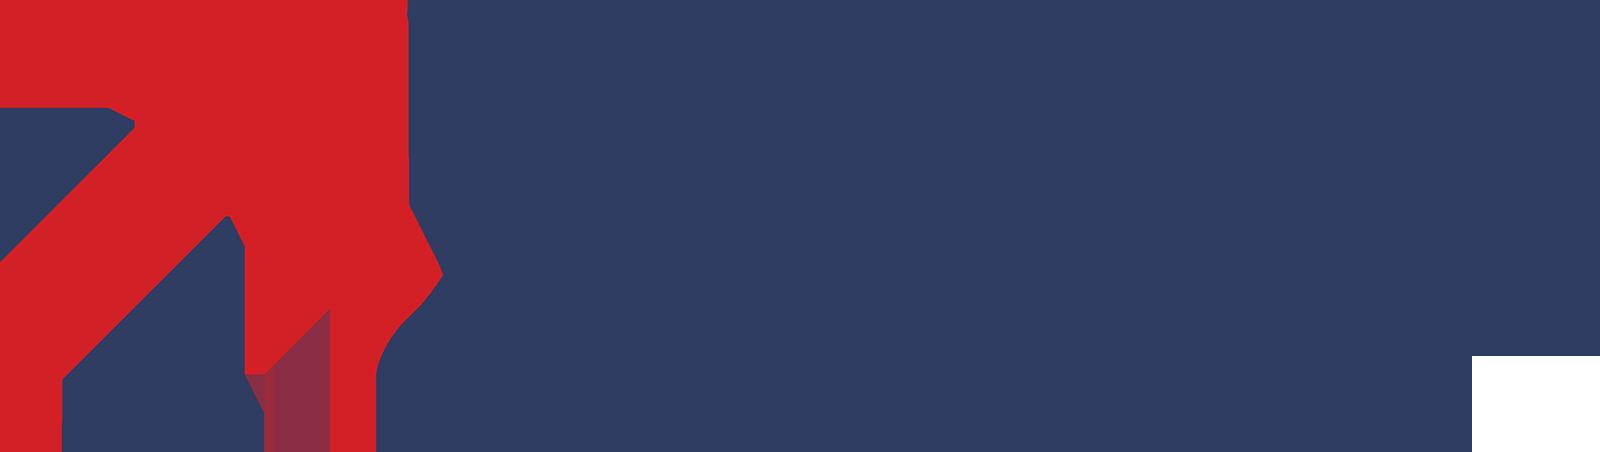 Cyber Exchange_Member Badge_Full.png